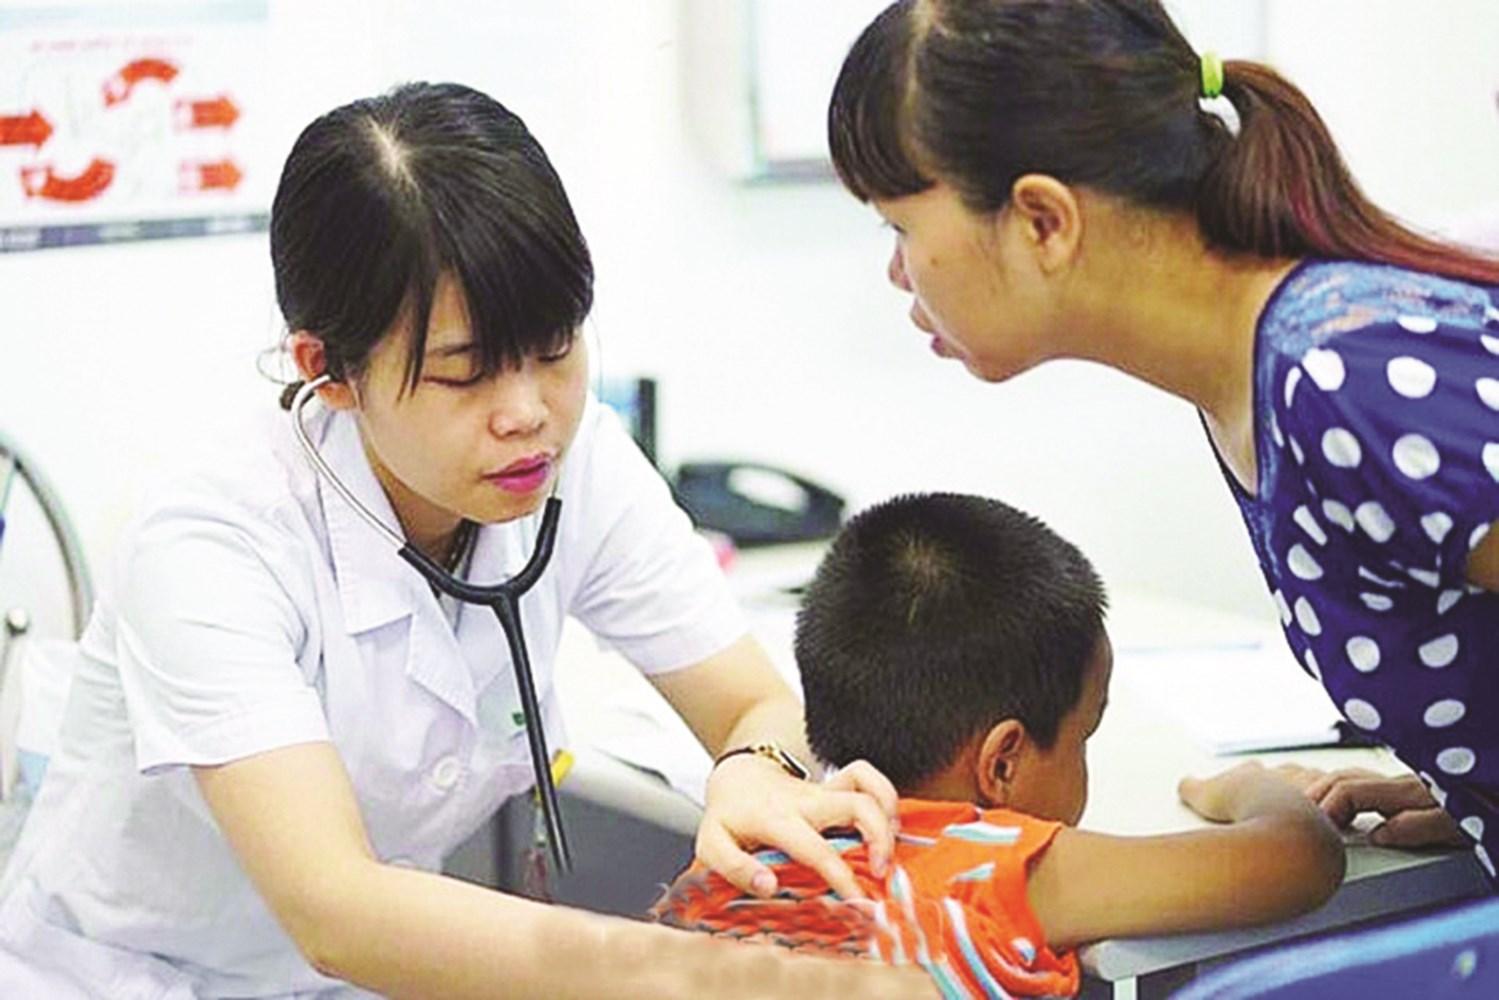 Theo các chuyên gia y tế, tiêm vắc xin là biện pháp quan trọng để phòng chống một số dịch bệnh nguy hiểm